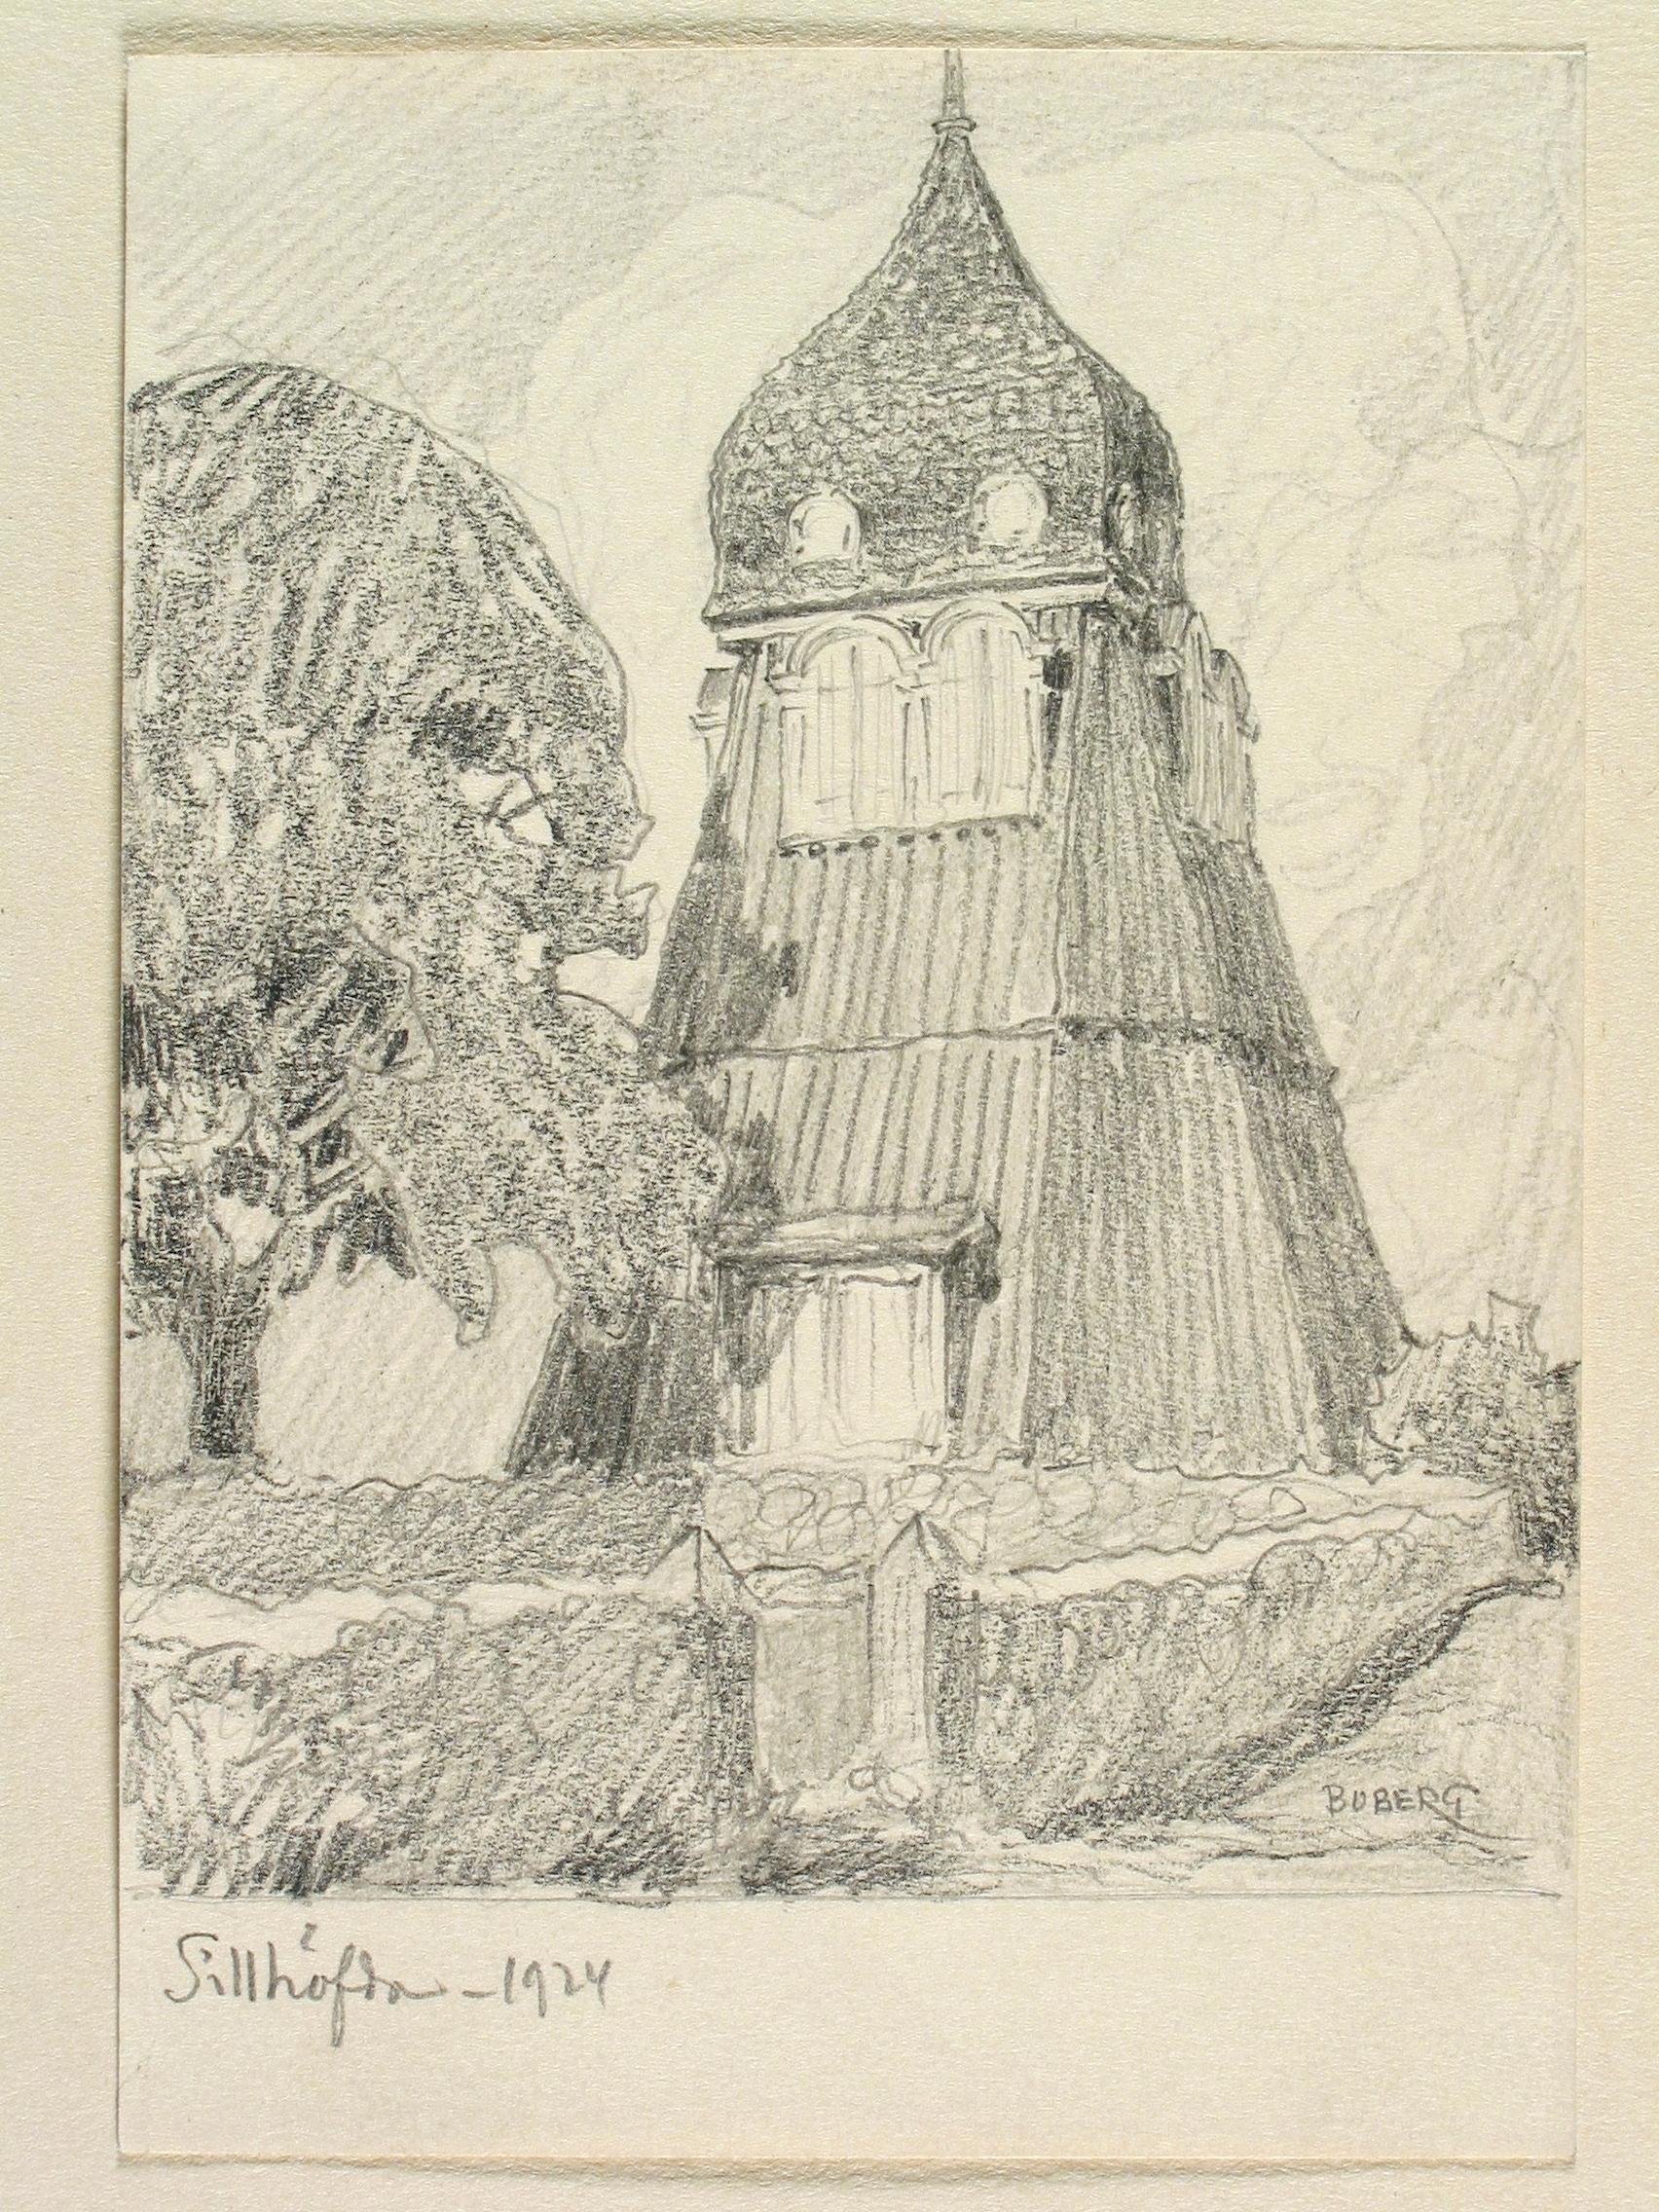 Fil:Sillhvda kyrka unam.net Wikipedia